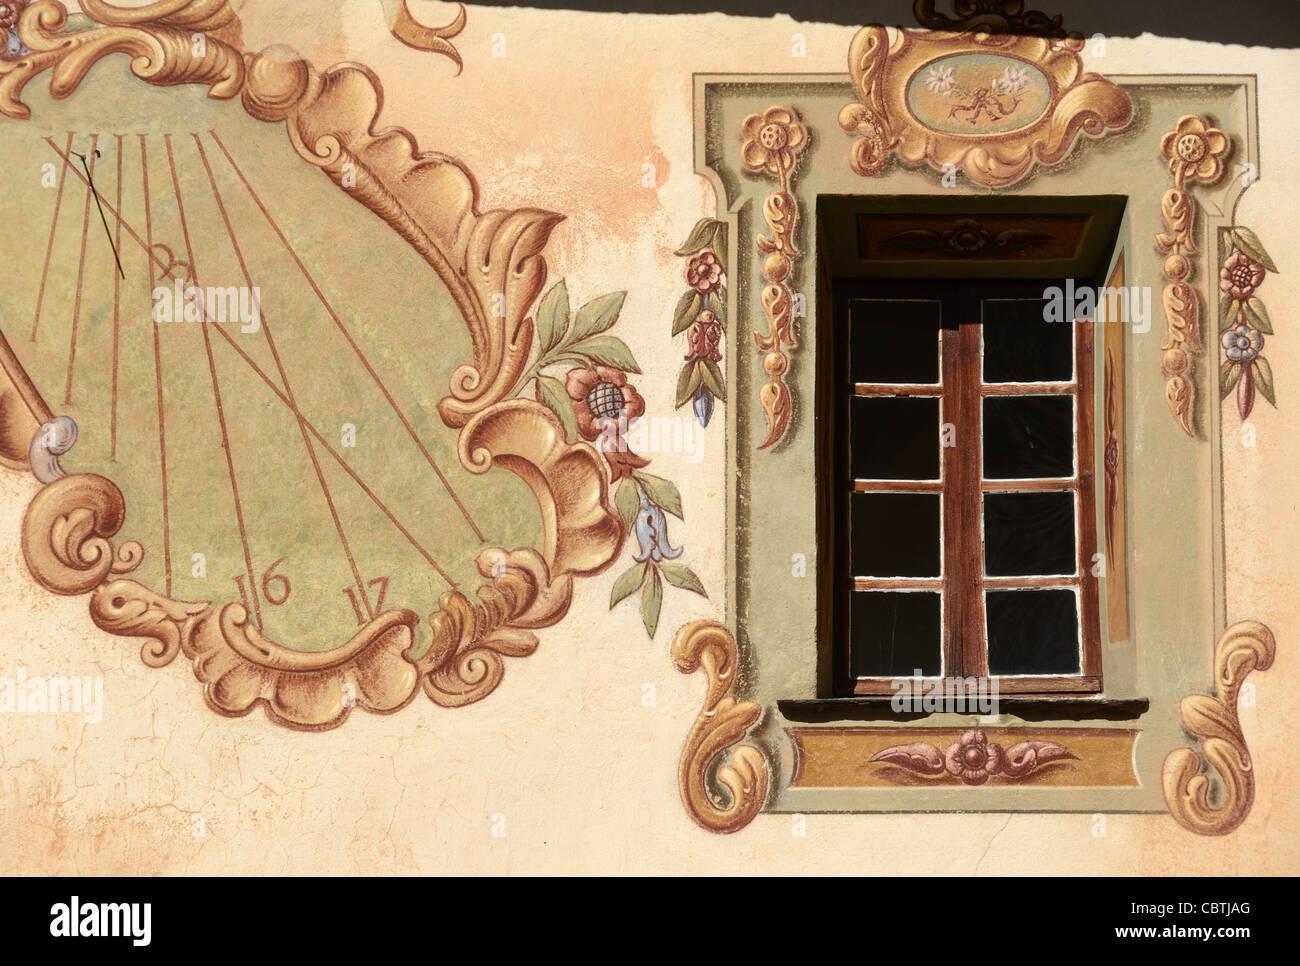 Baroque Decor Stock Photos & Baroque Decor Stock Images - Alamy